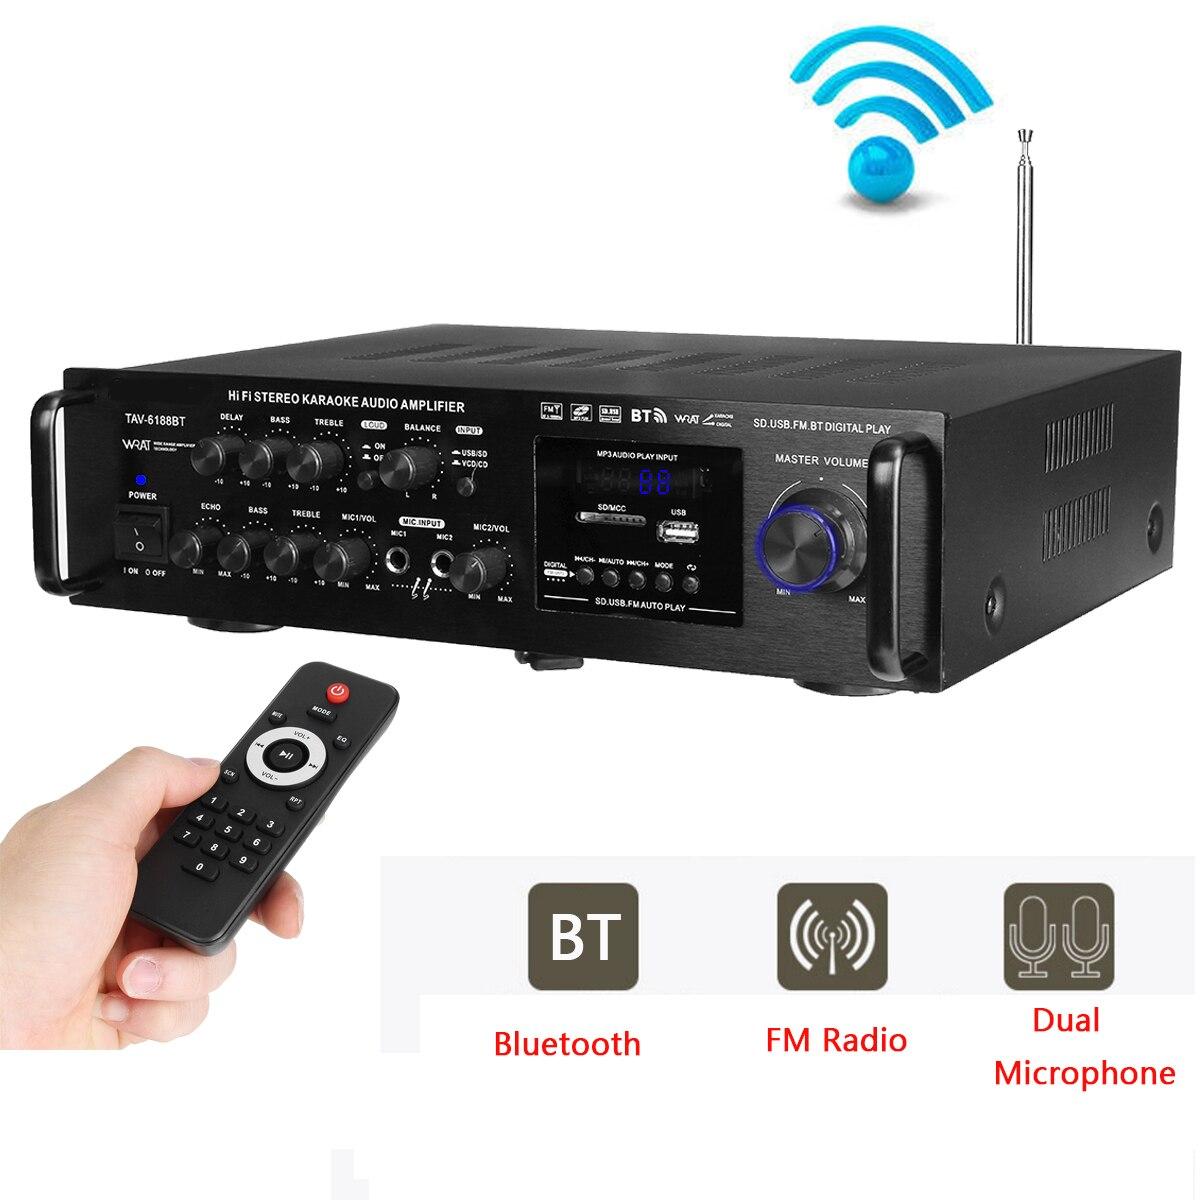 2000W Wireless Home Digital Music Audio Amplifier 4 ohm bluetooth 4.0 Version Stereo Karaoke Amplifier Support 2 MIC FM RC2000W Wireless Home Digital Music Audio Amplifier 4 ohm bluetooth 4.0 Version Stereo Karaoke Amplifier Support 2 MIC FM RC